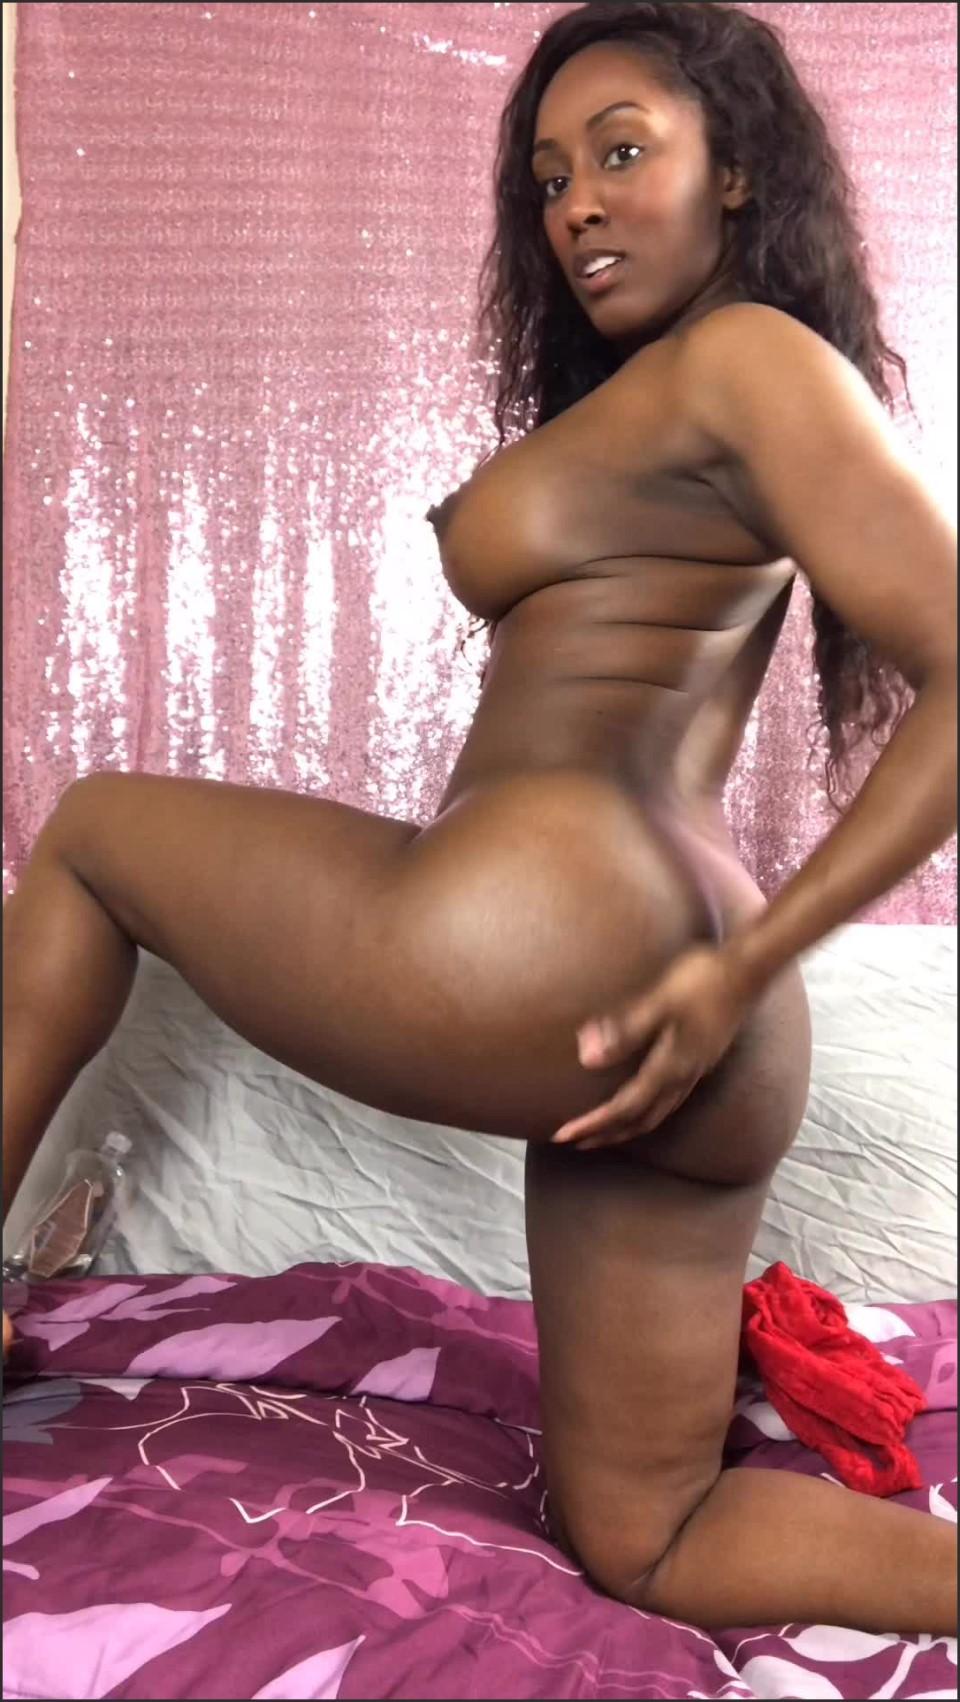 [SD] Jaydaj Joi Stroke To The Clap Of My Ass Jaydaj - Manyvids-00:05:58 | Size - 614 MB